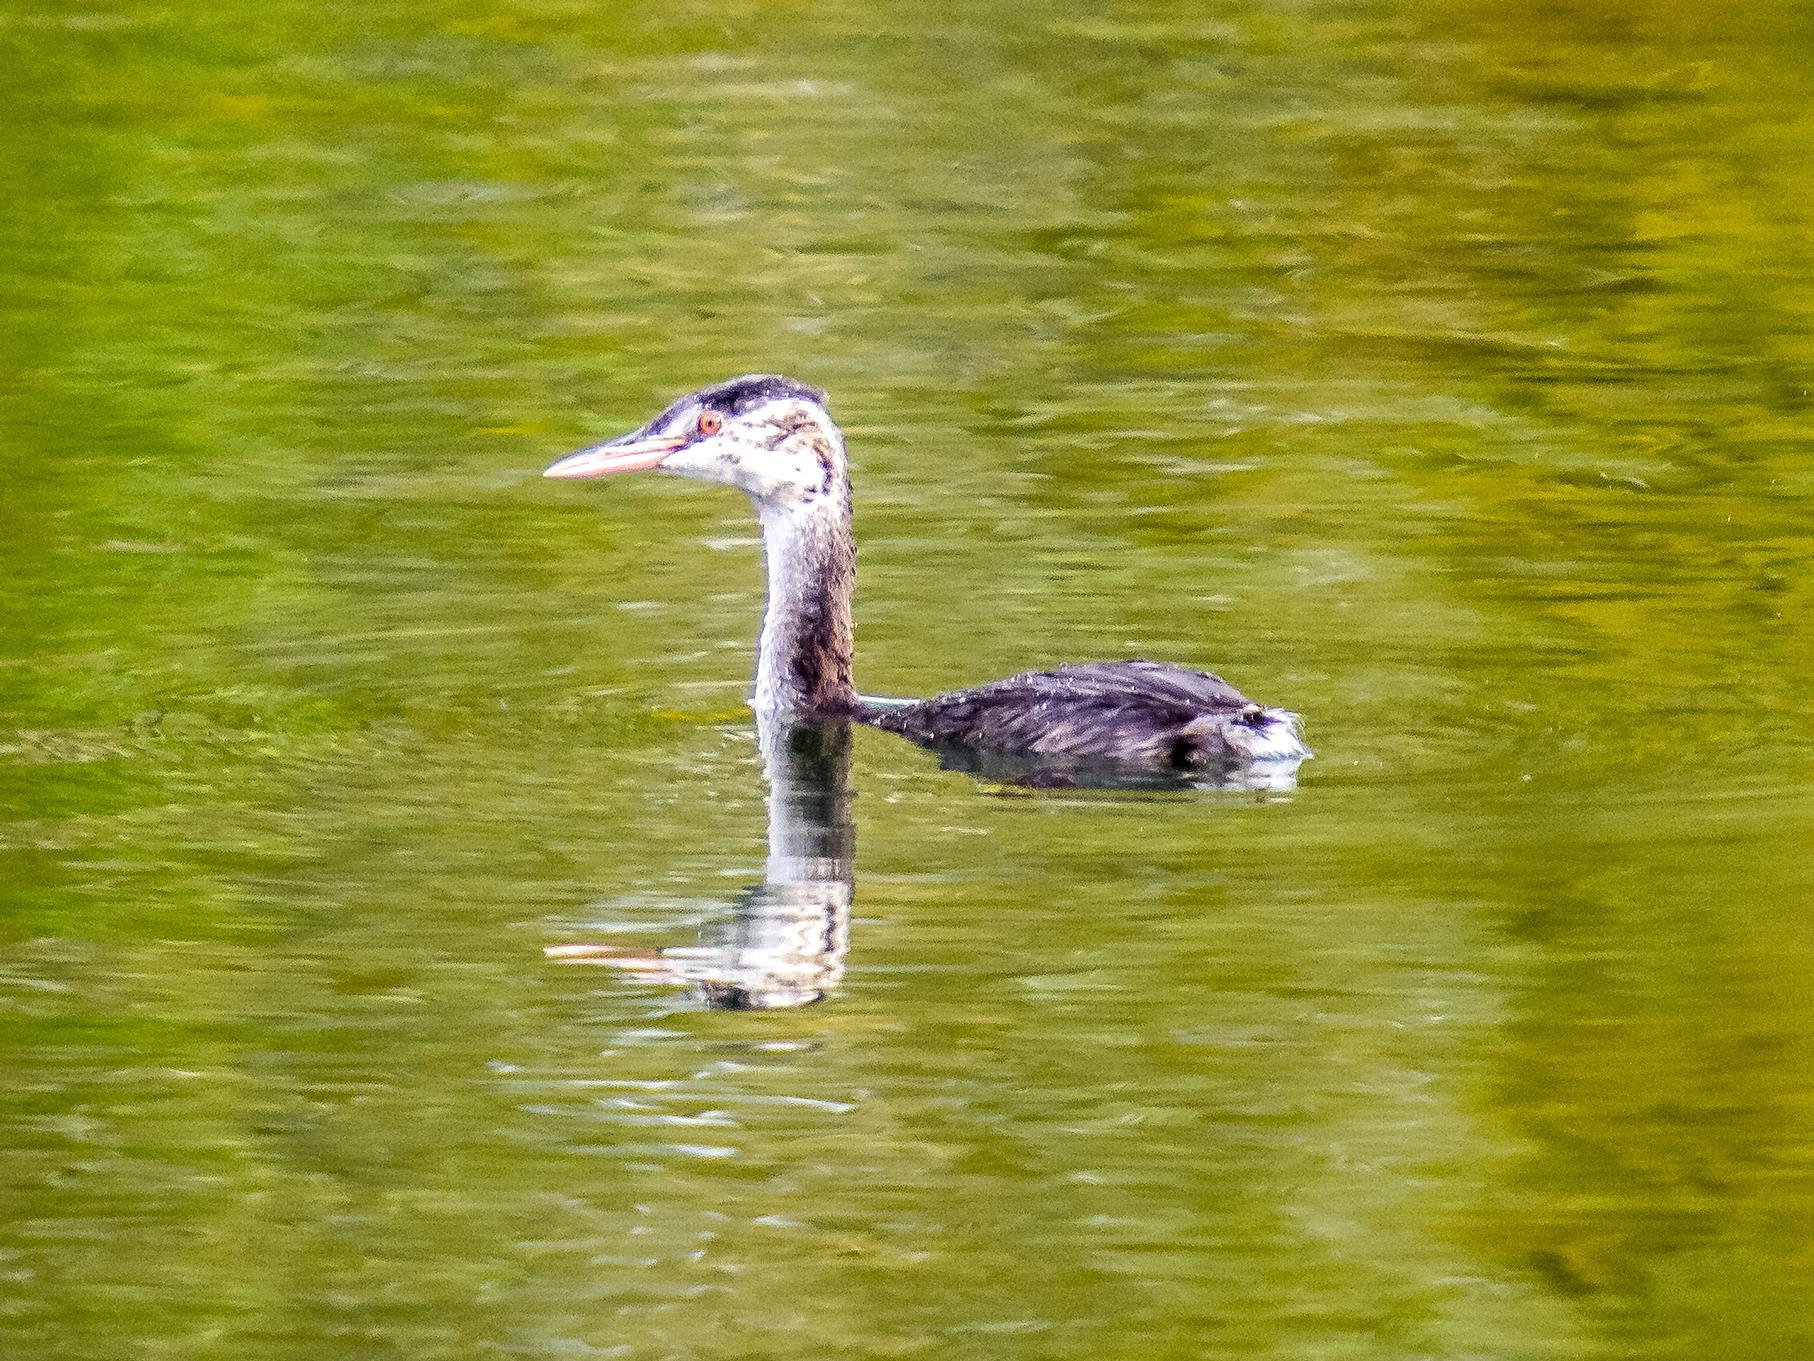 Ein Haubentaucher schwimmt auf dem östlichen Teich.